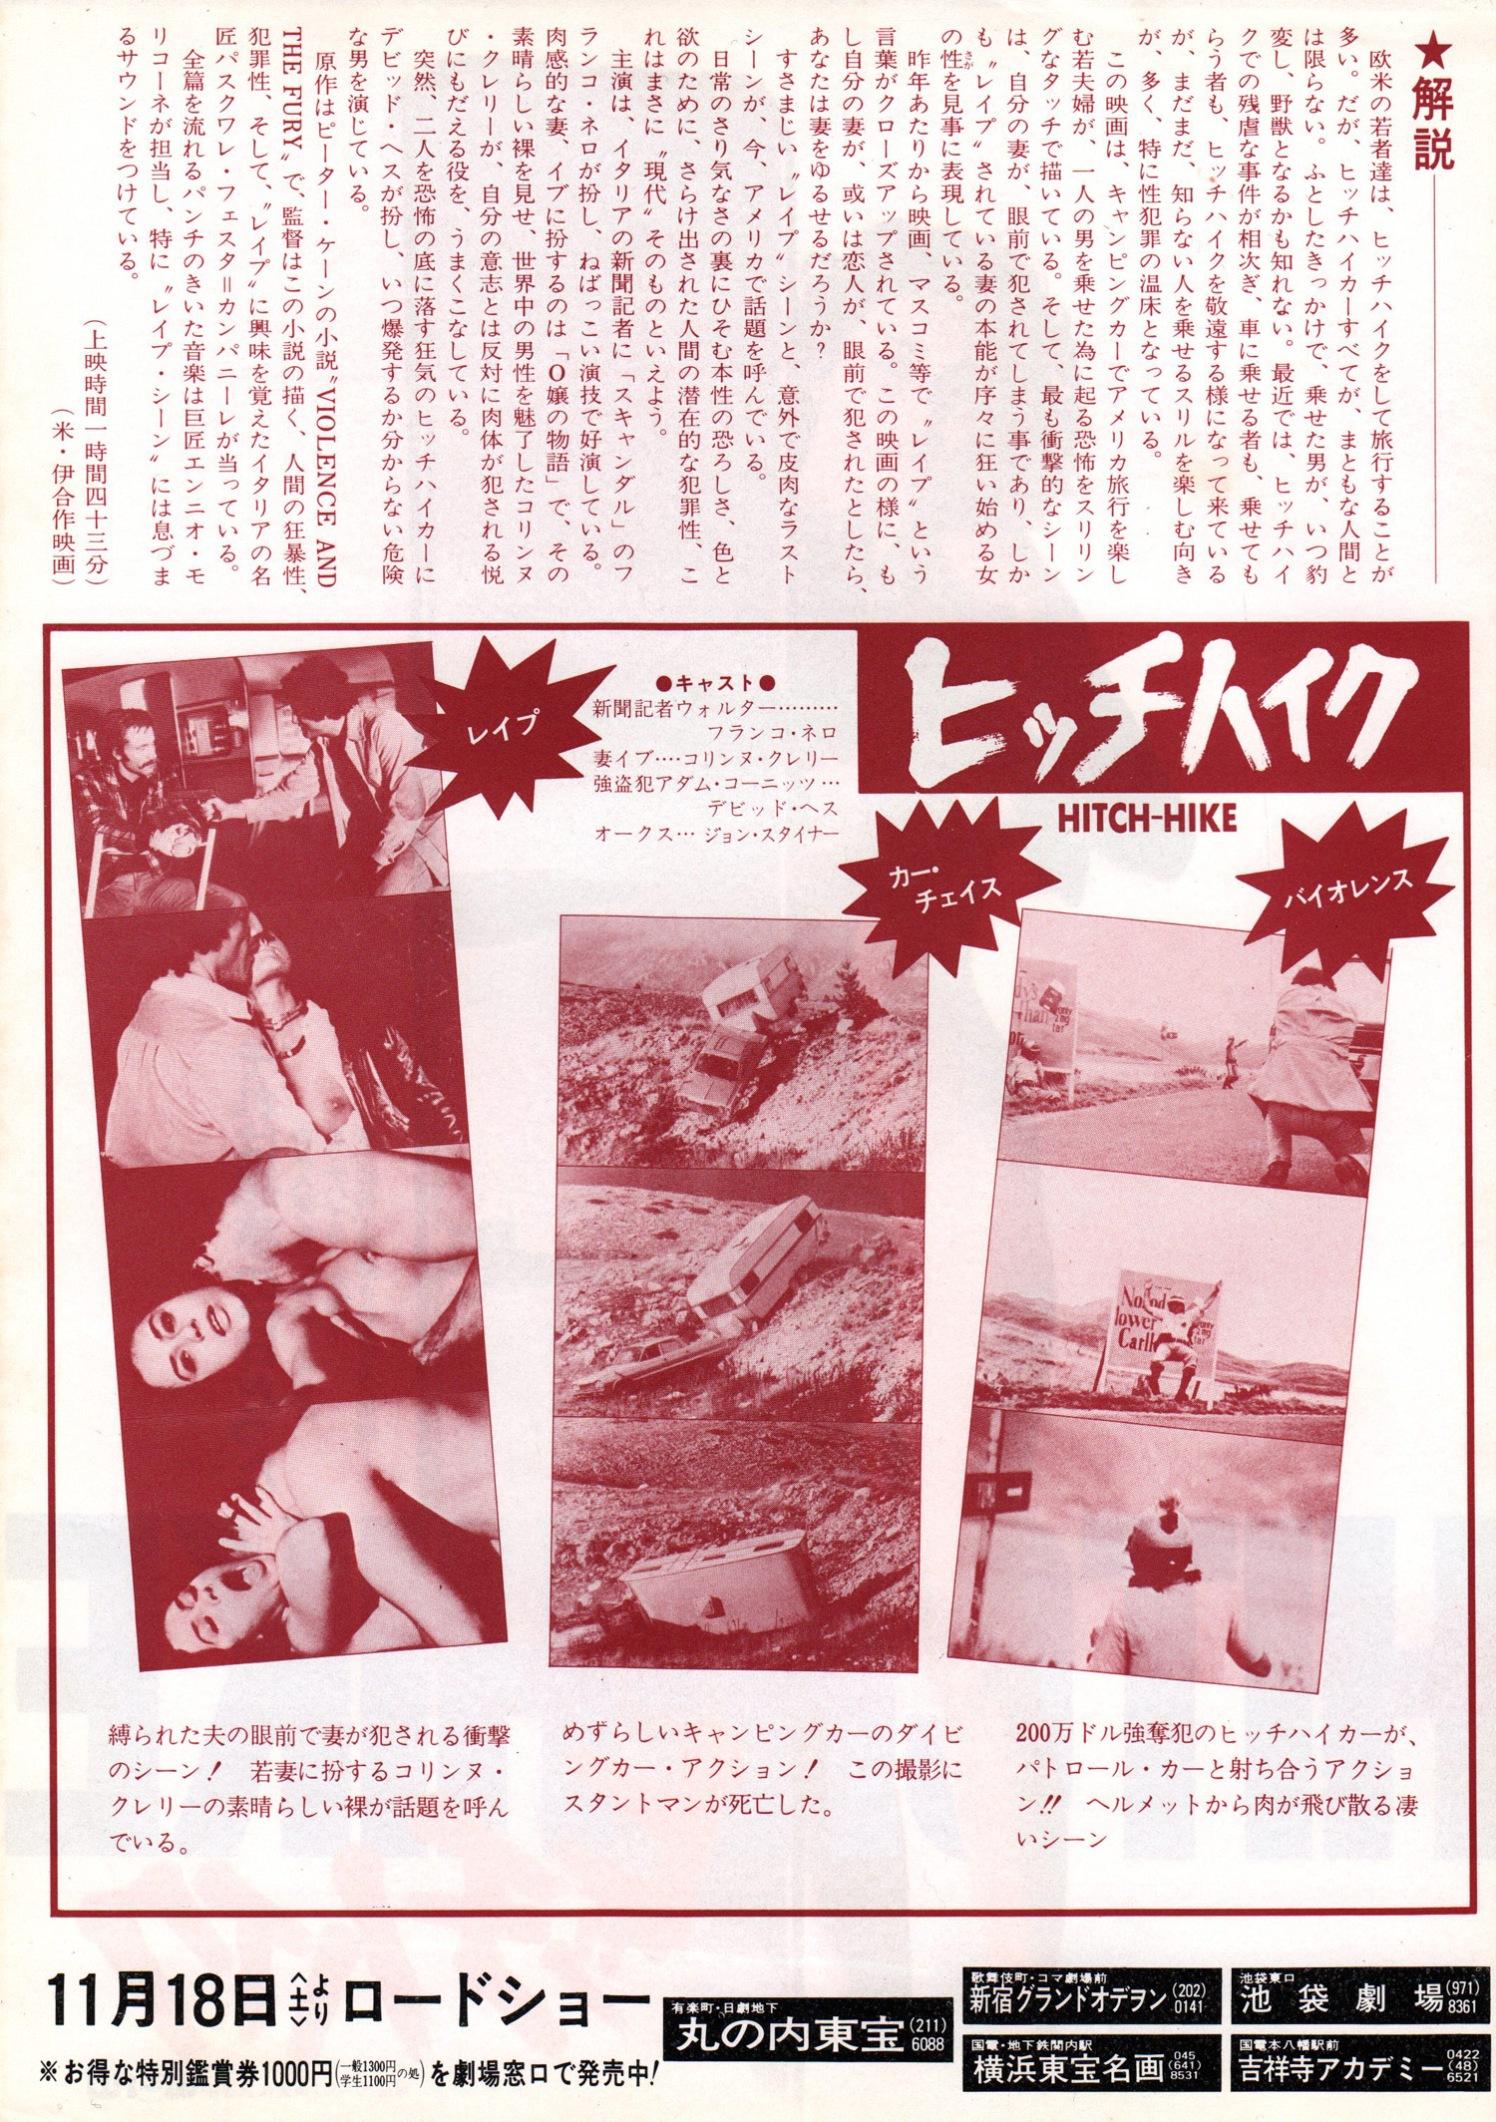 hitchhike-japan-2